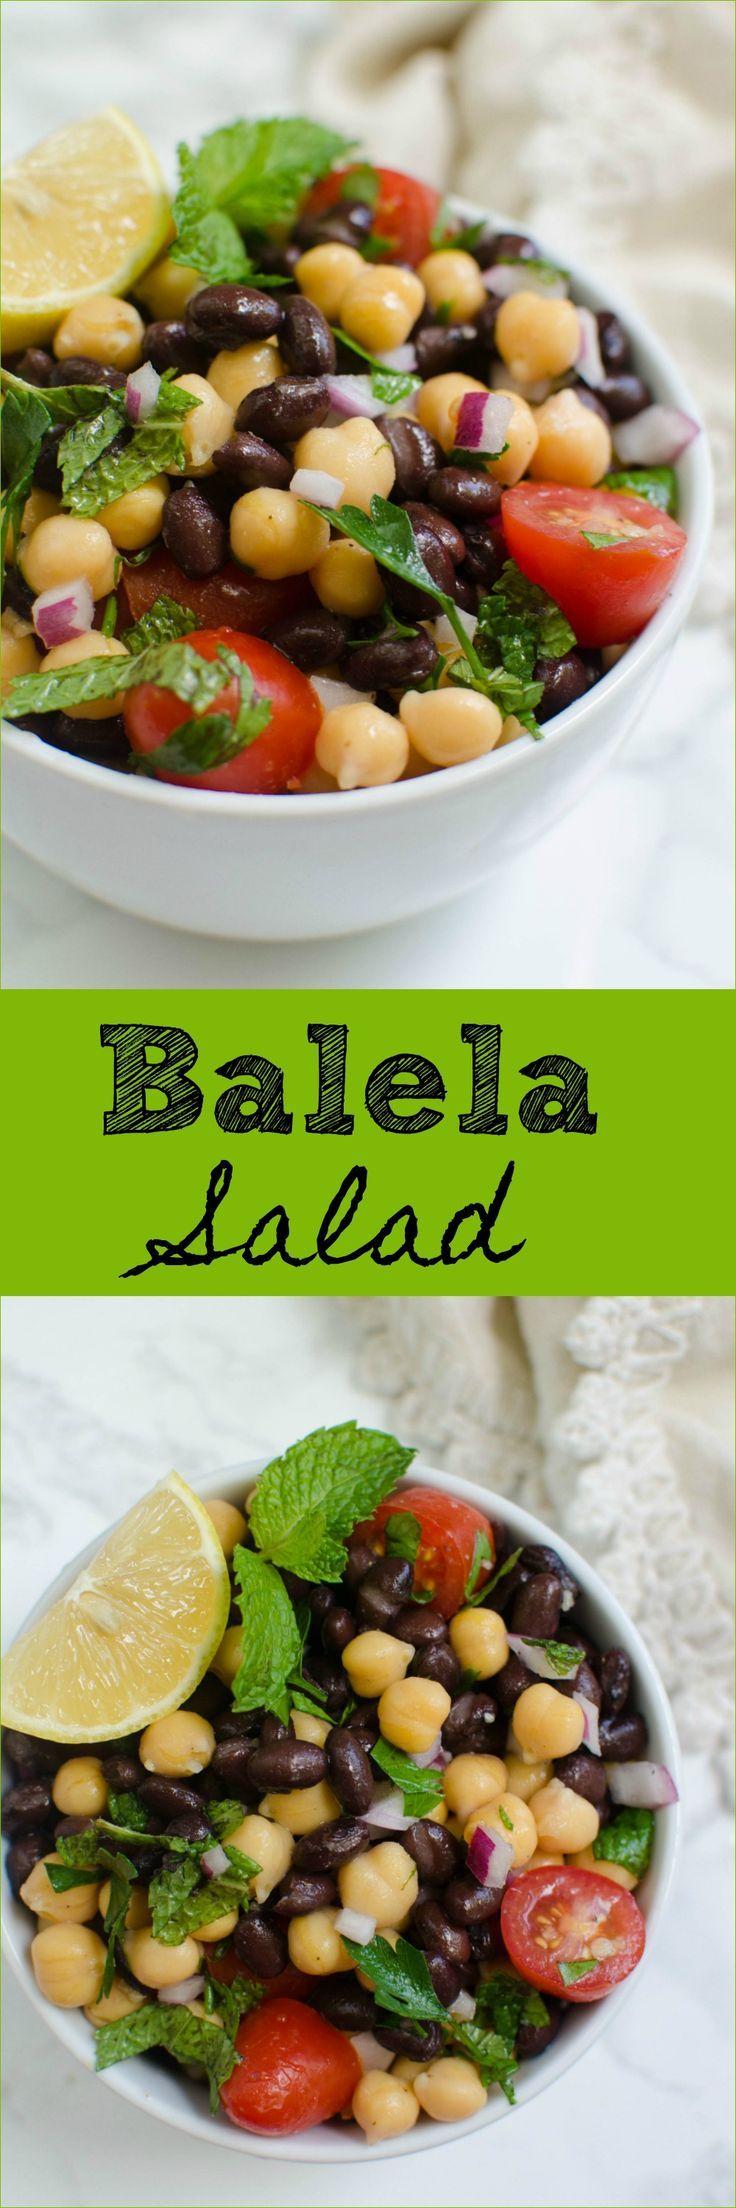 Balela Salad - Trader Joe's copycat recipe! Super simple and so delicious!